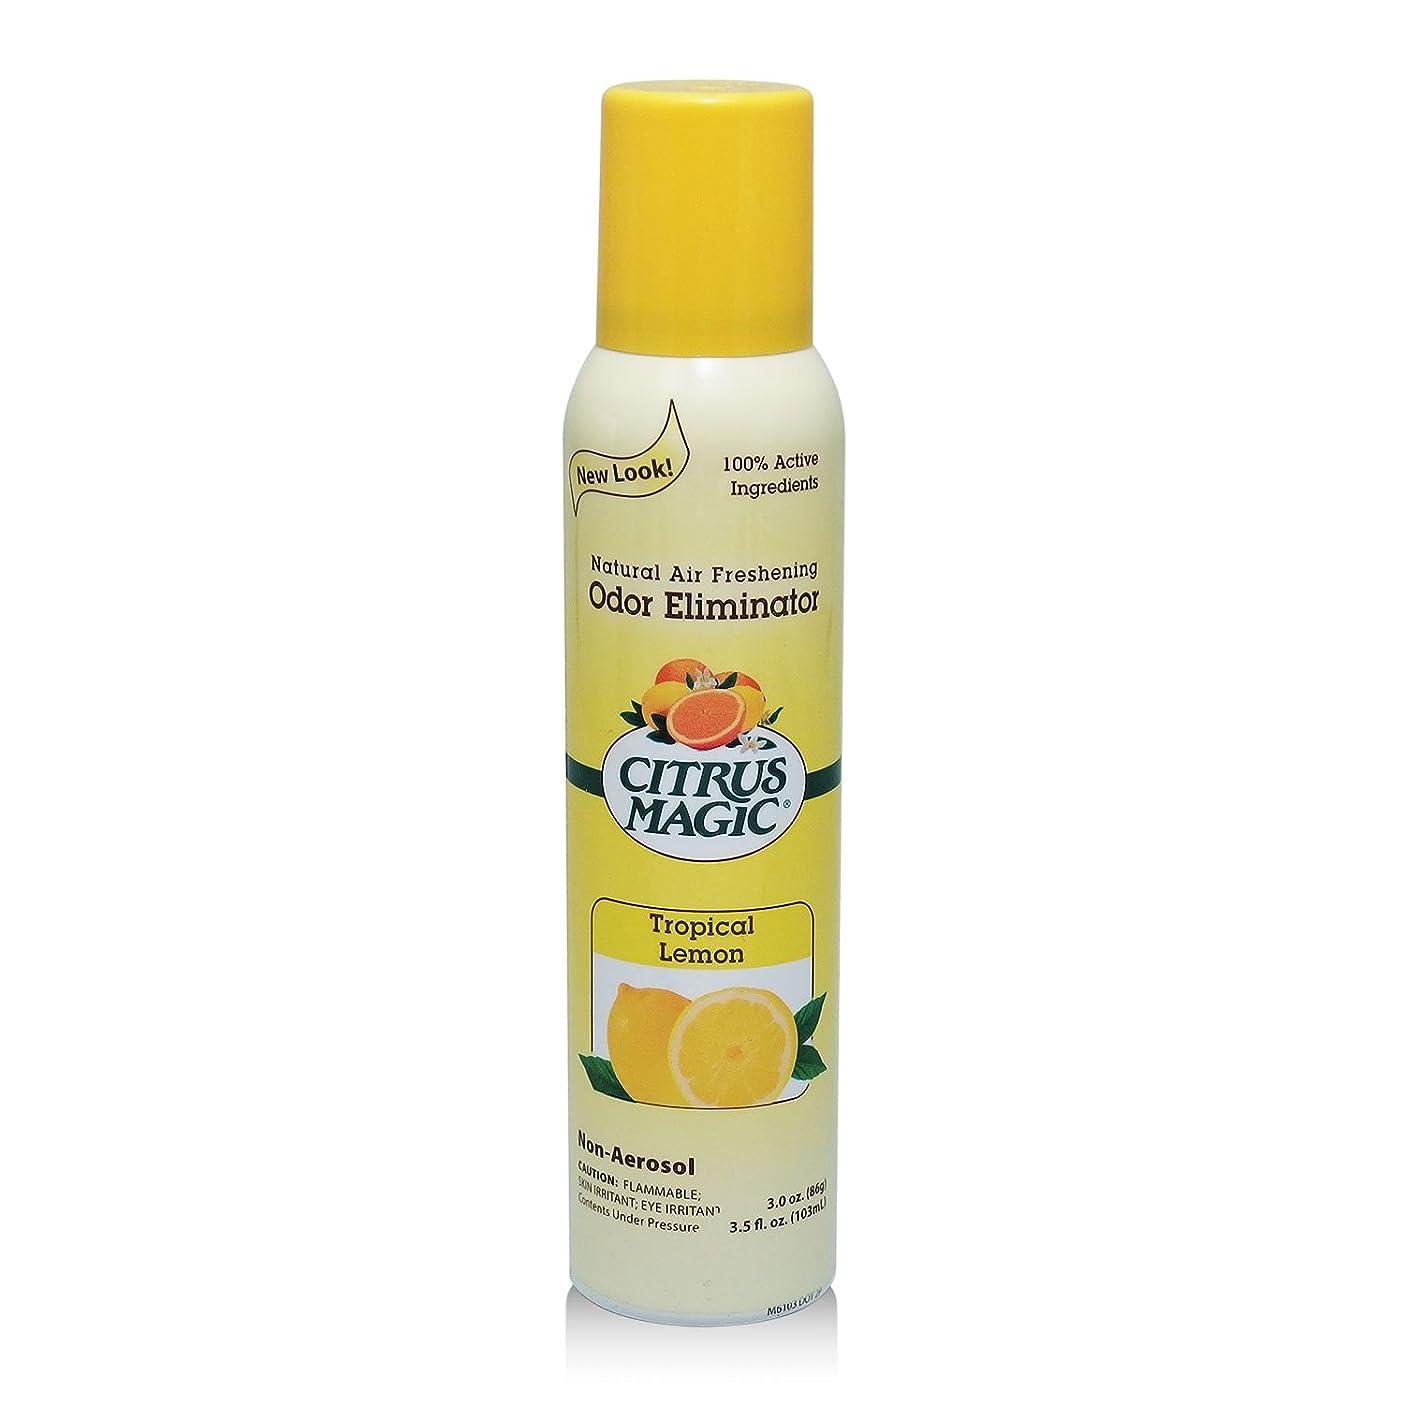 インキュバス種をまくリングレットシトラスマジック エア フレッシュナー レモン 103ml 果皮抽出オイルをギュッと詰めた消臭?芳香ルームスプレー